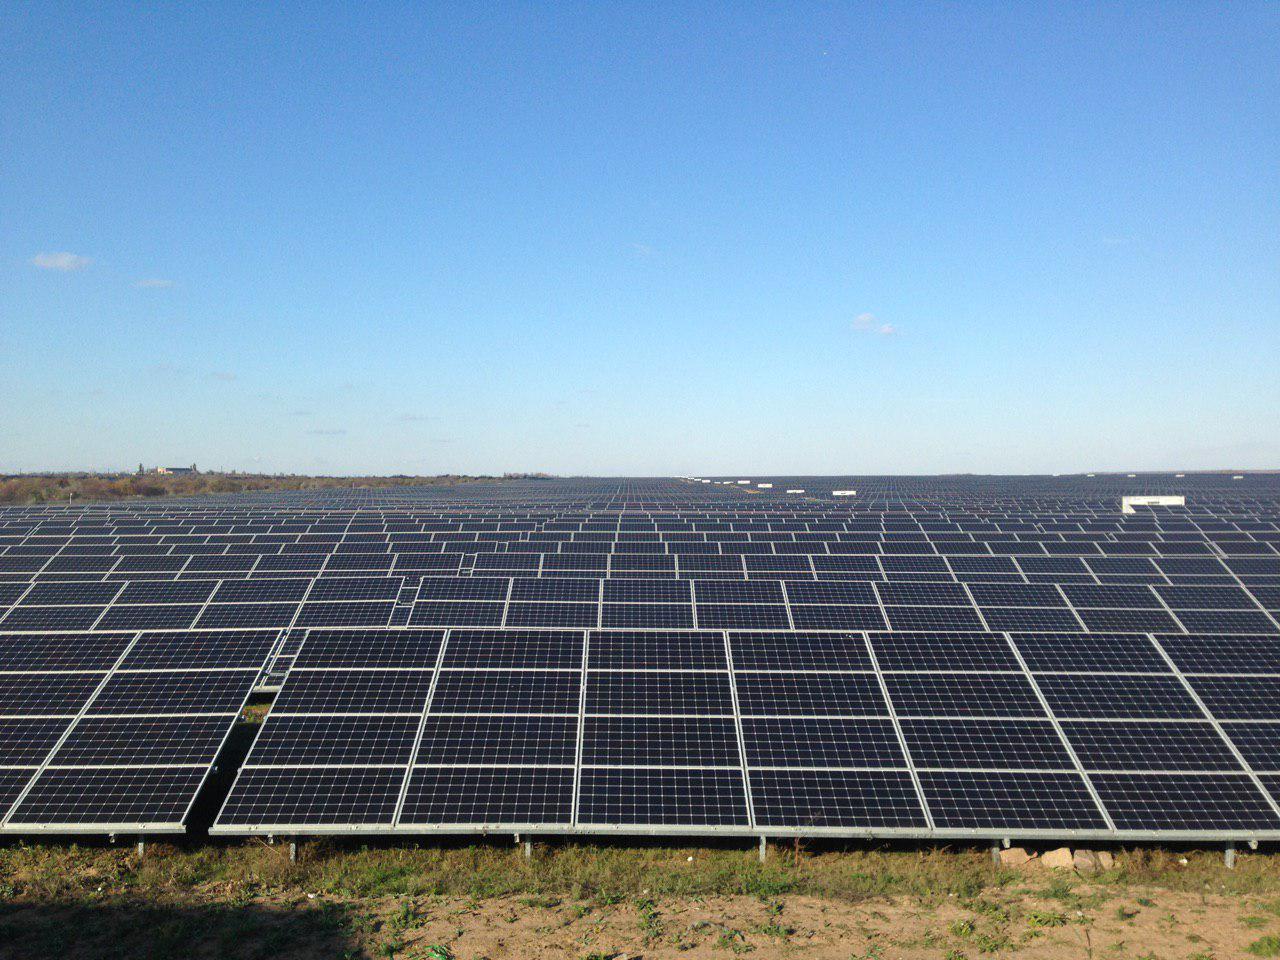 Європейський масштаб: ДТЕК запустив потужну Покровську СЕС на 240 МВт (Фото)